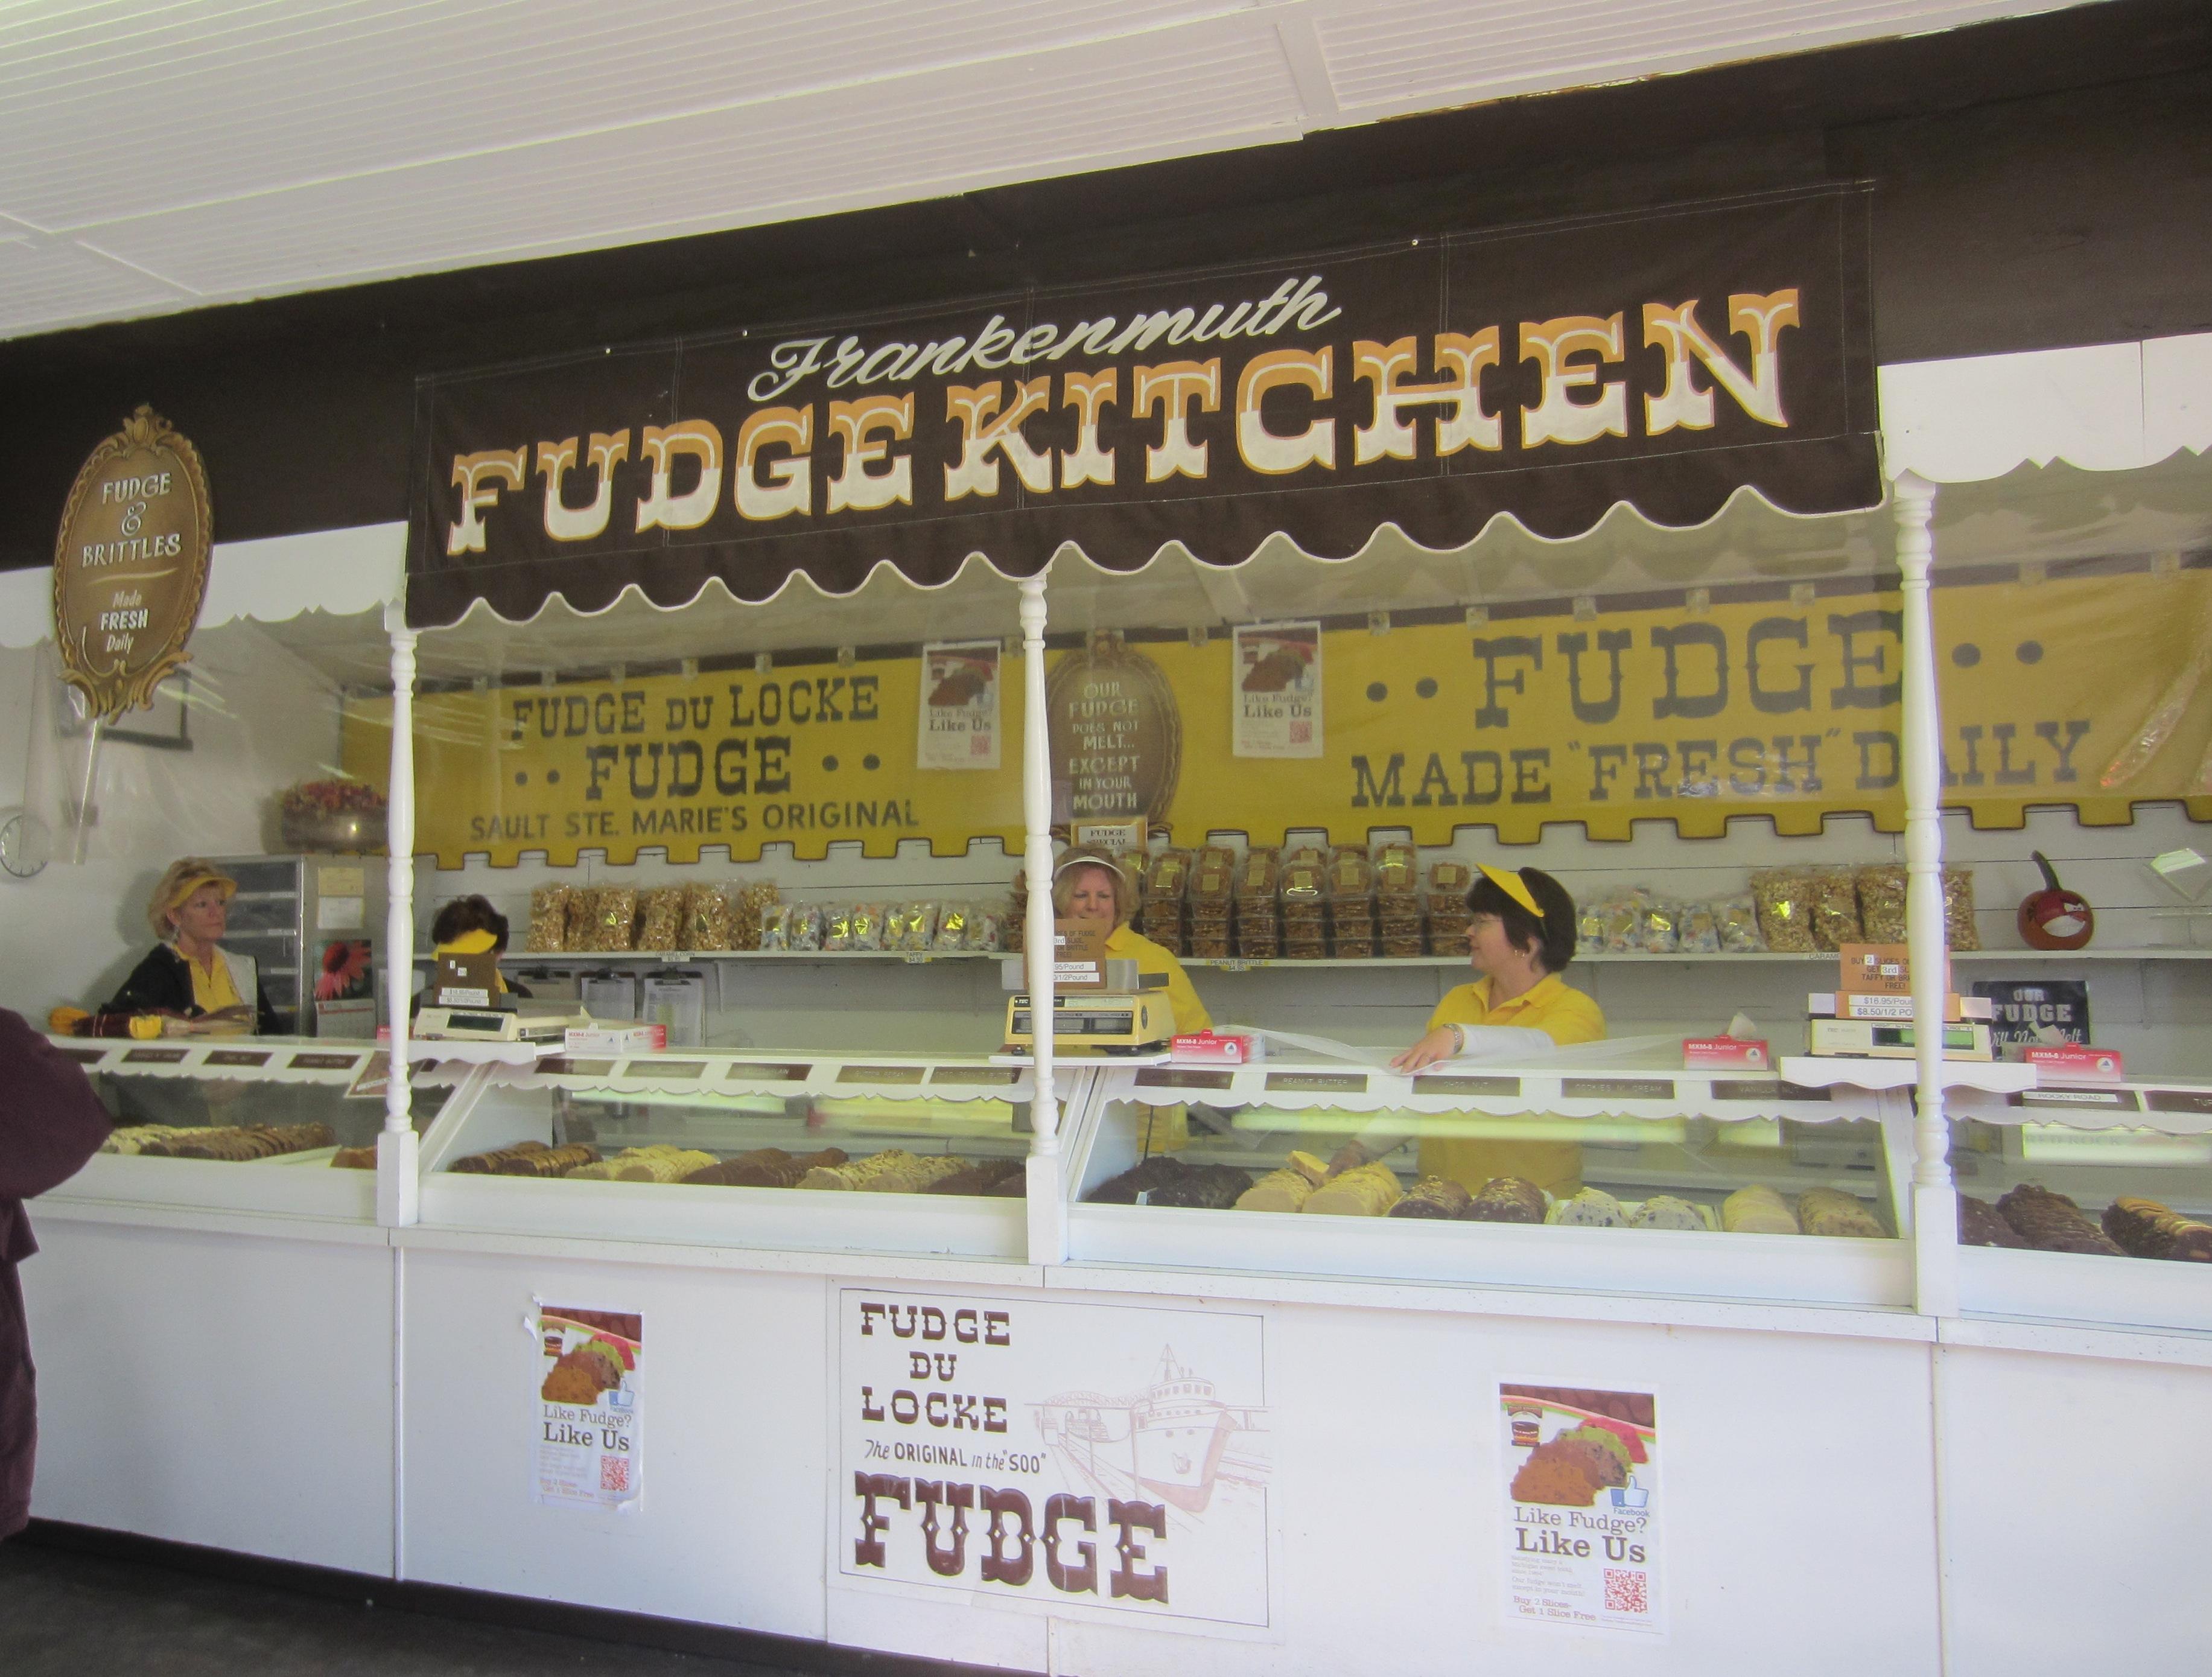 Frankenmuth Fudge Kitchen